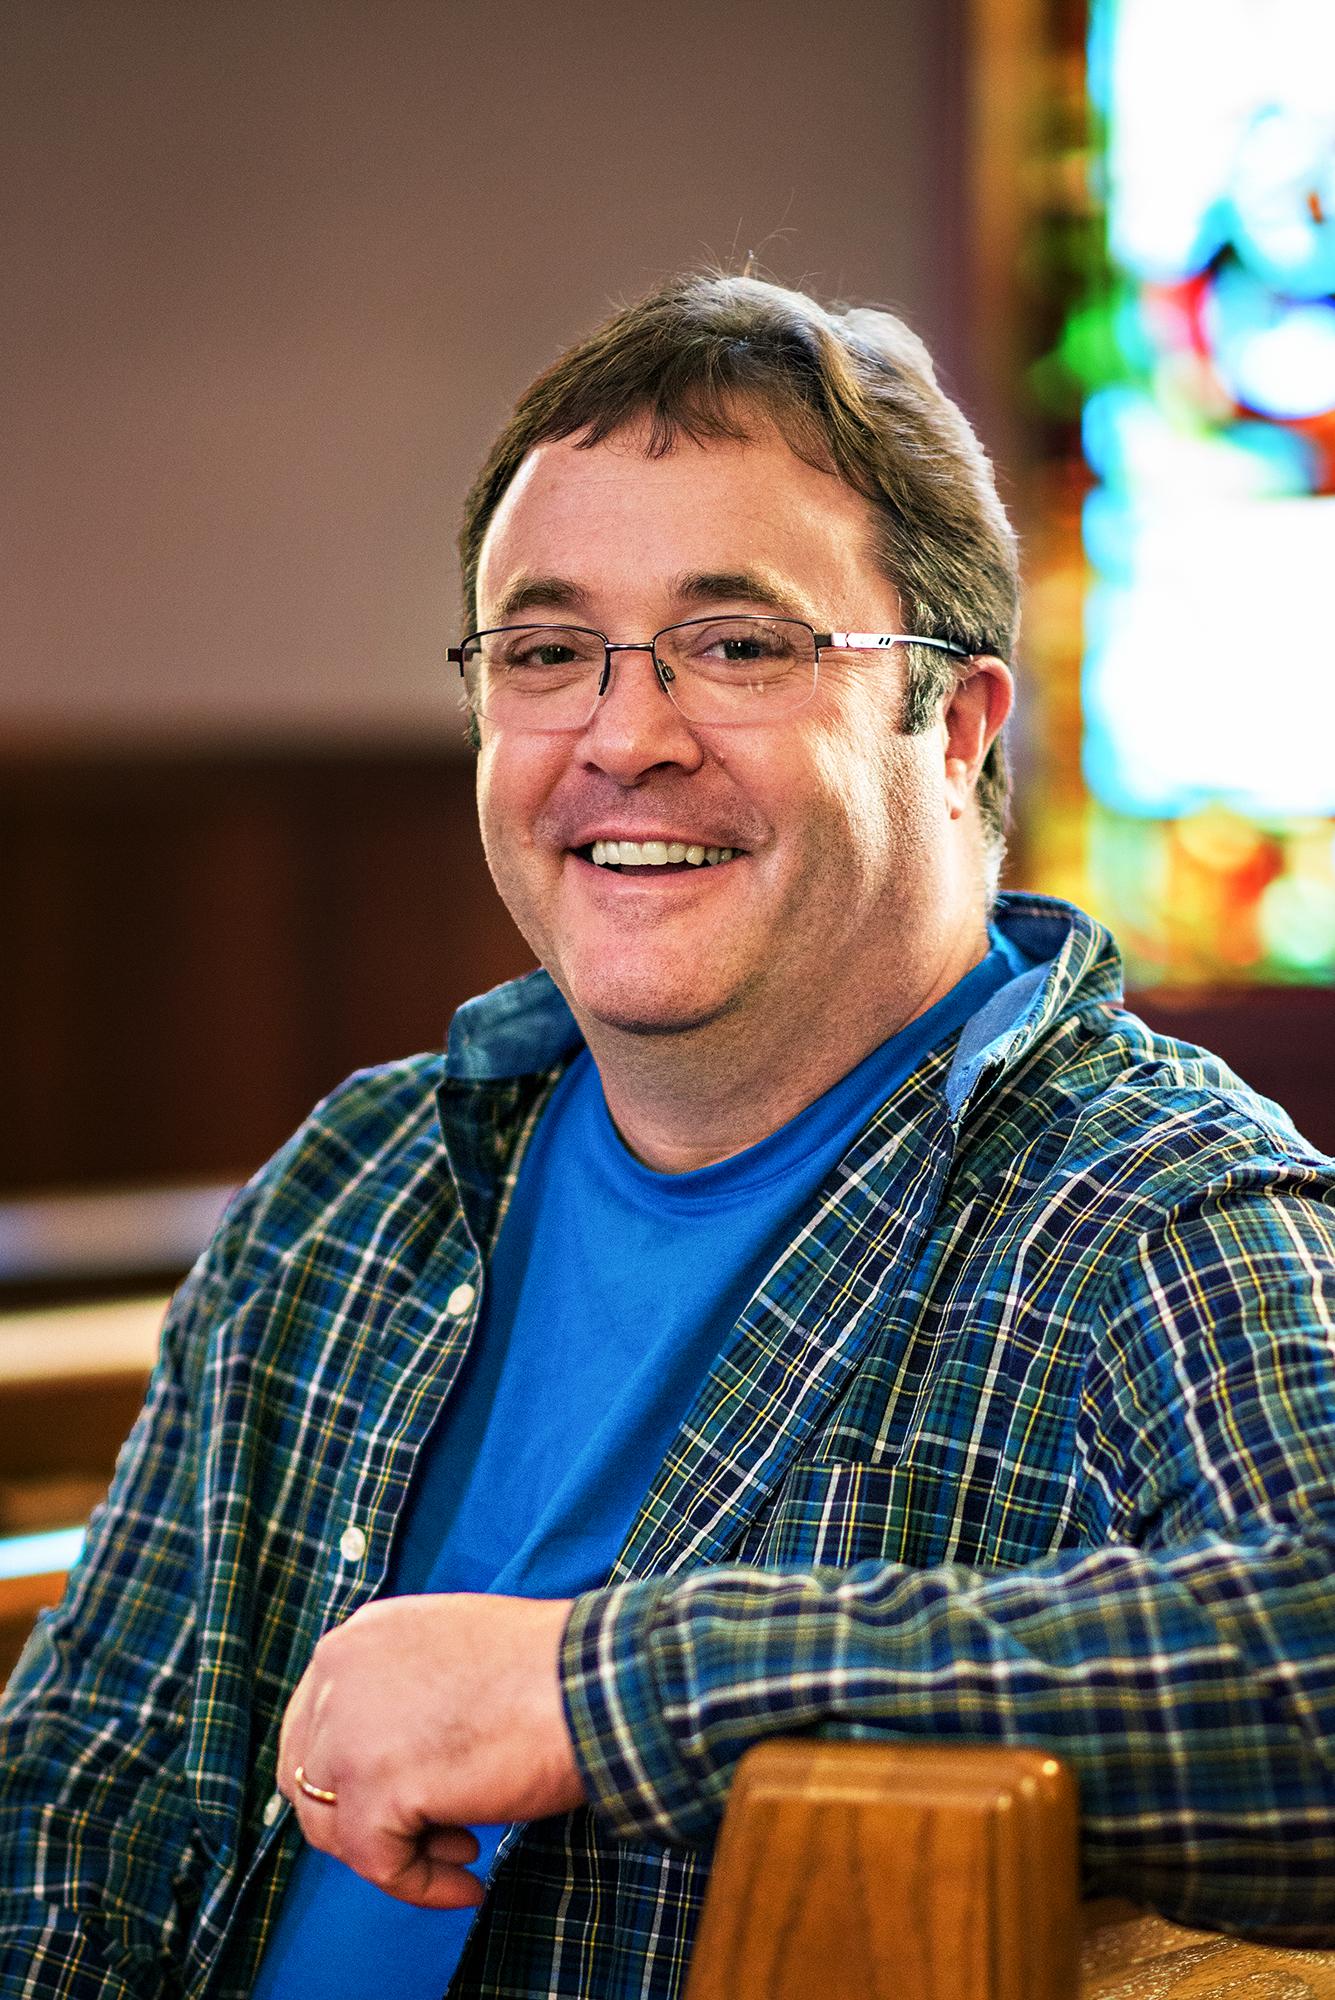 Rev. Brad Parrish